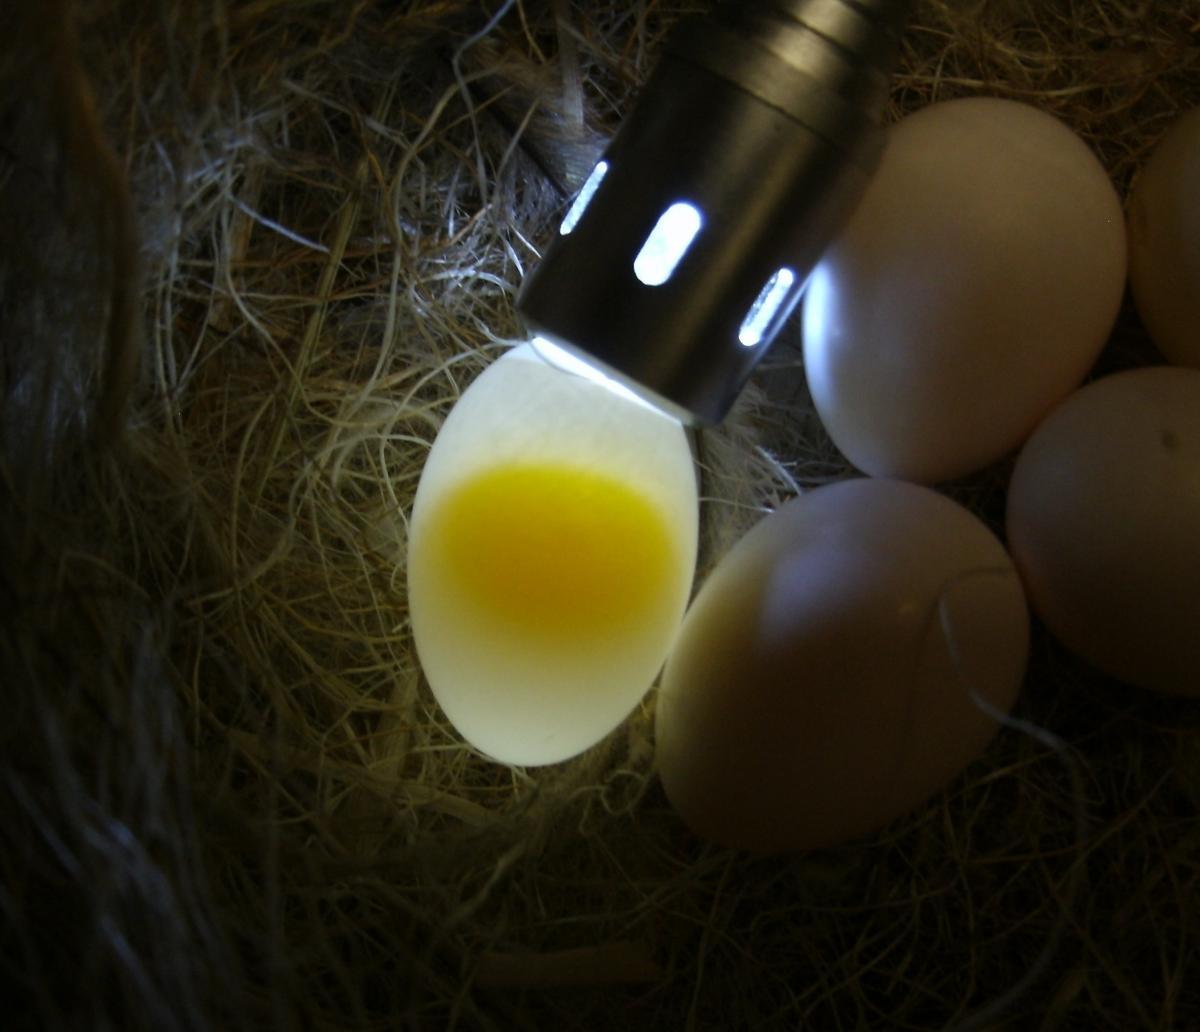 How Does Bird Egg Get Fertilized